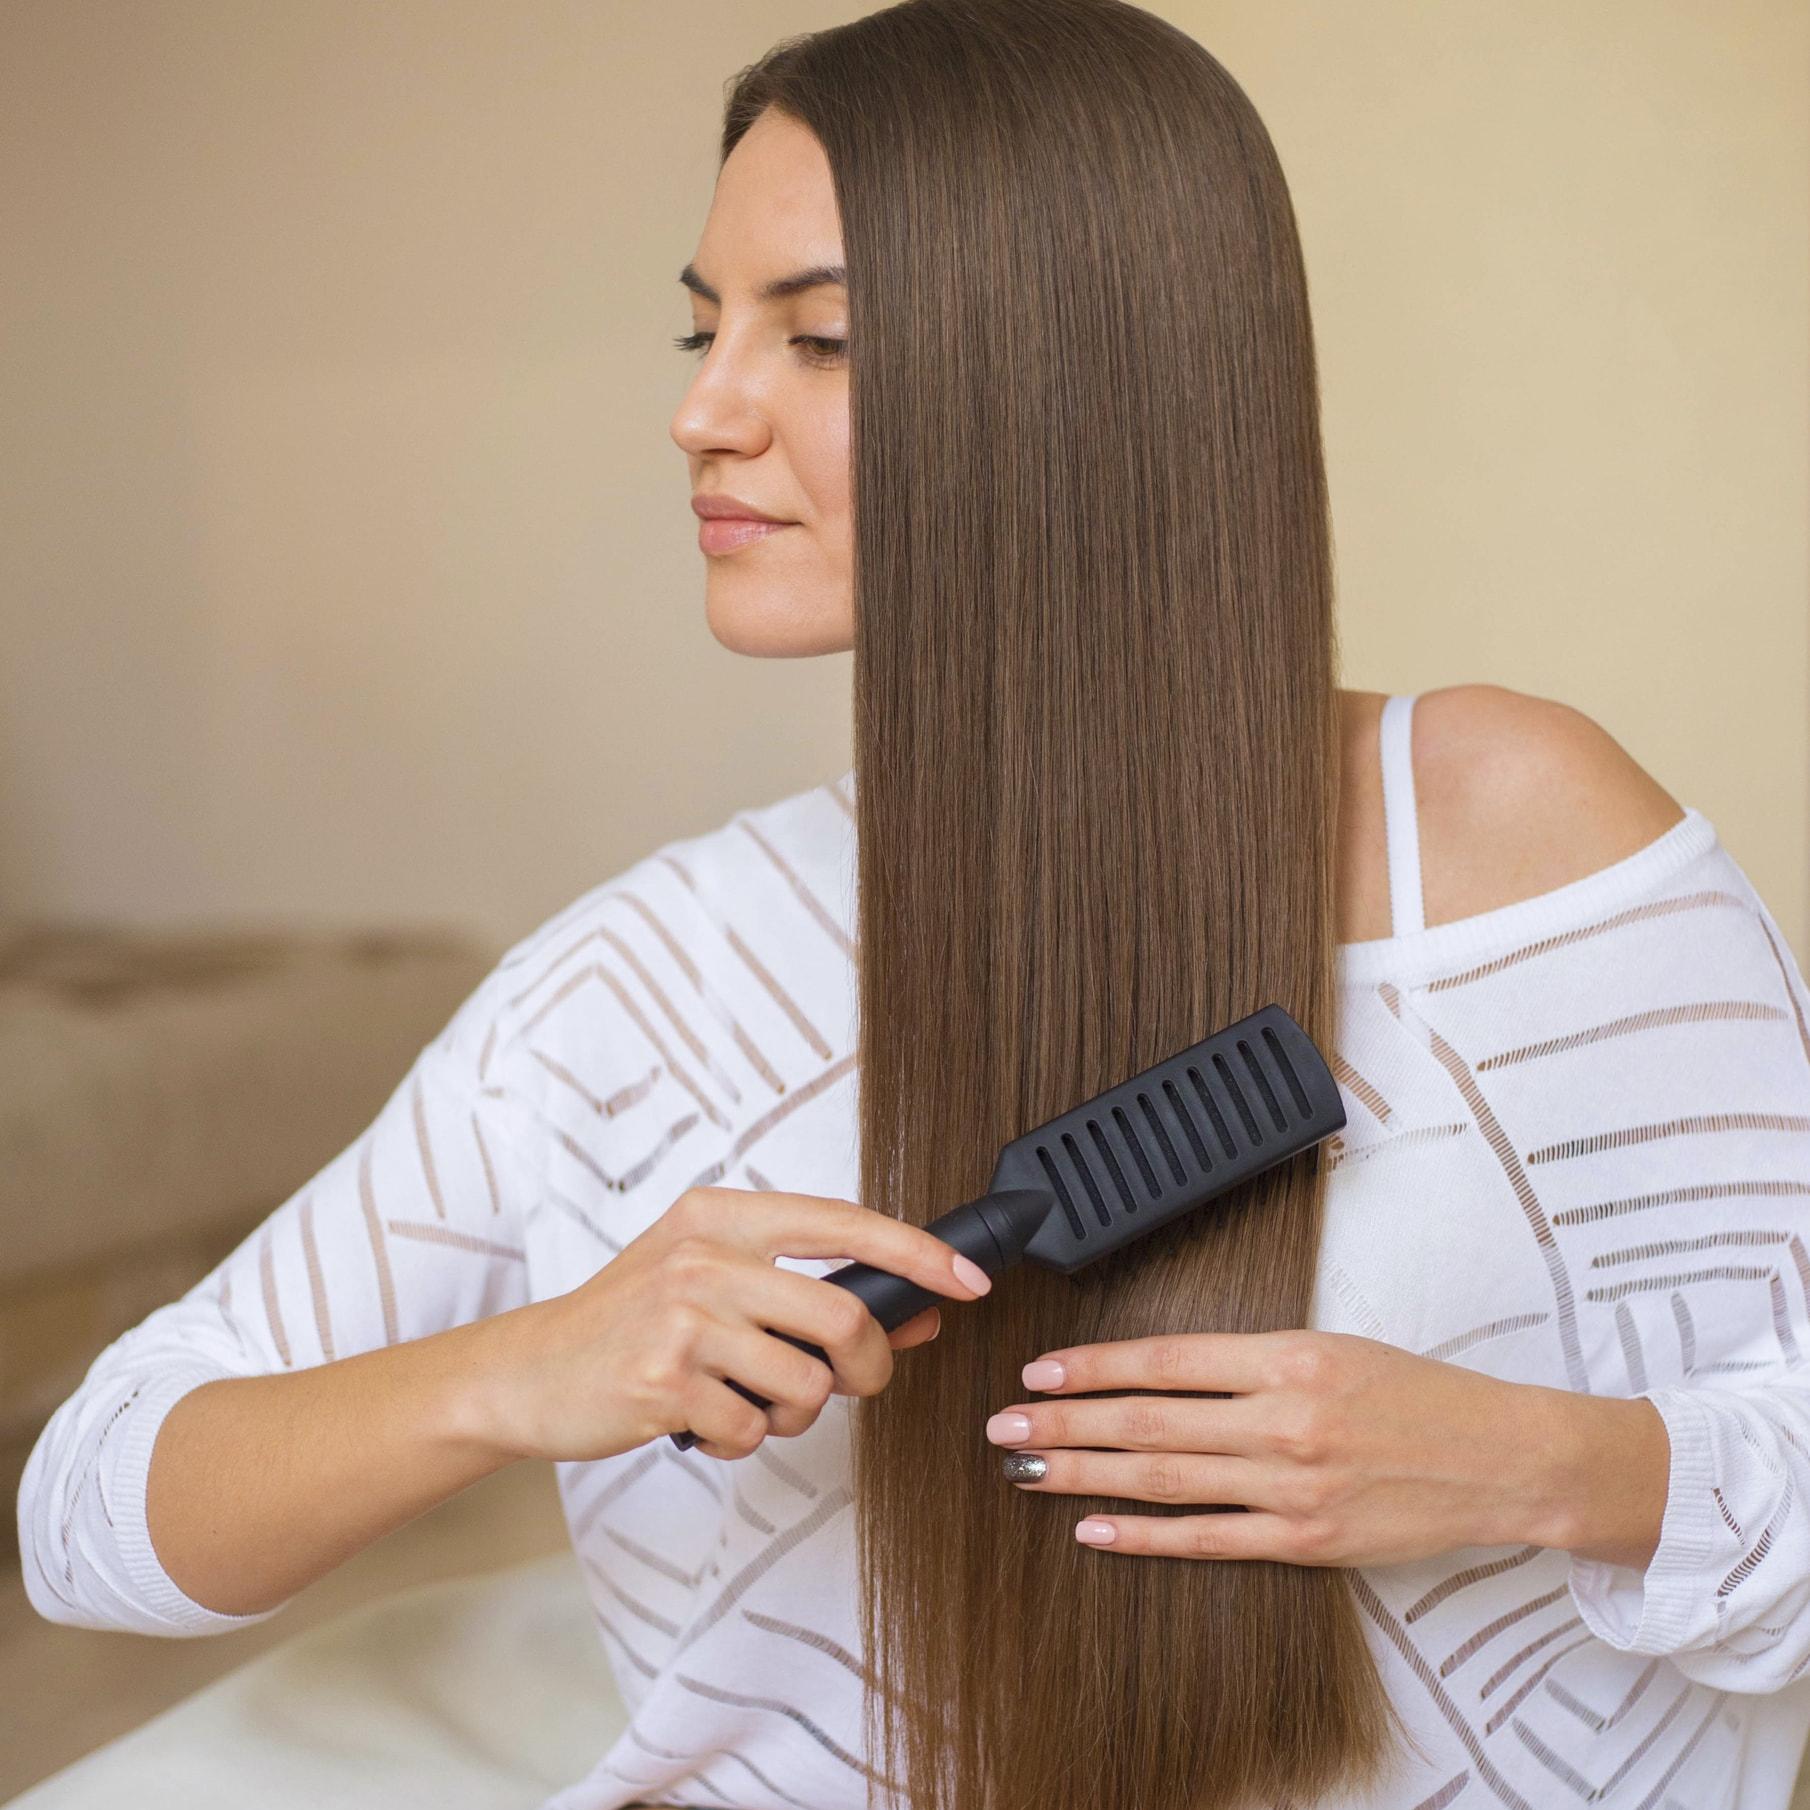 بوتاکس مو چیست و چه تفاوتی با کراتین دارد؟ بوتاکس یا کراتین؟